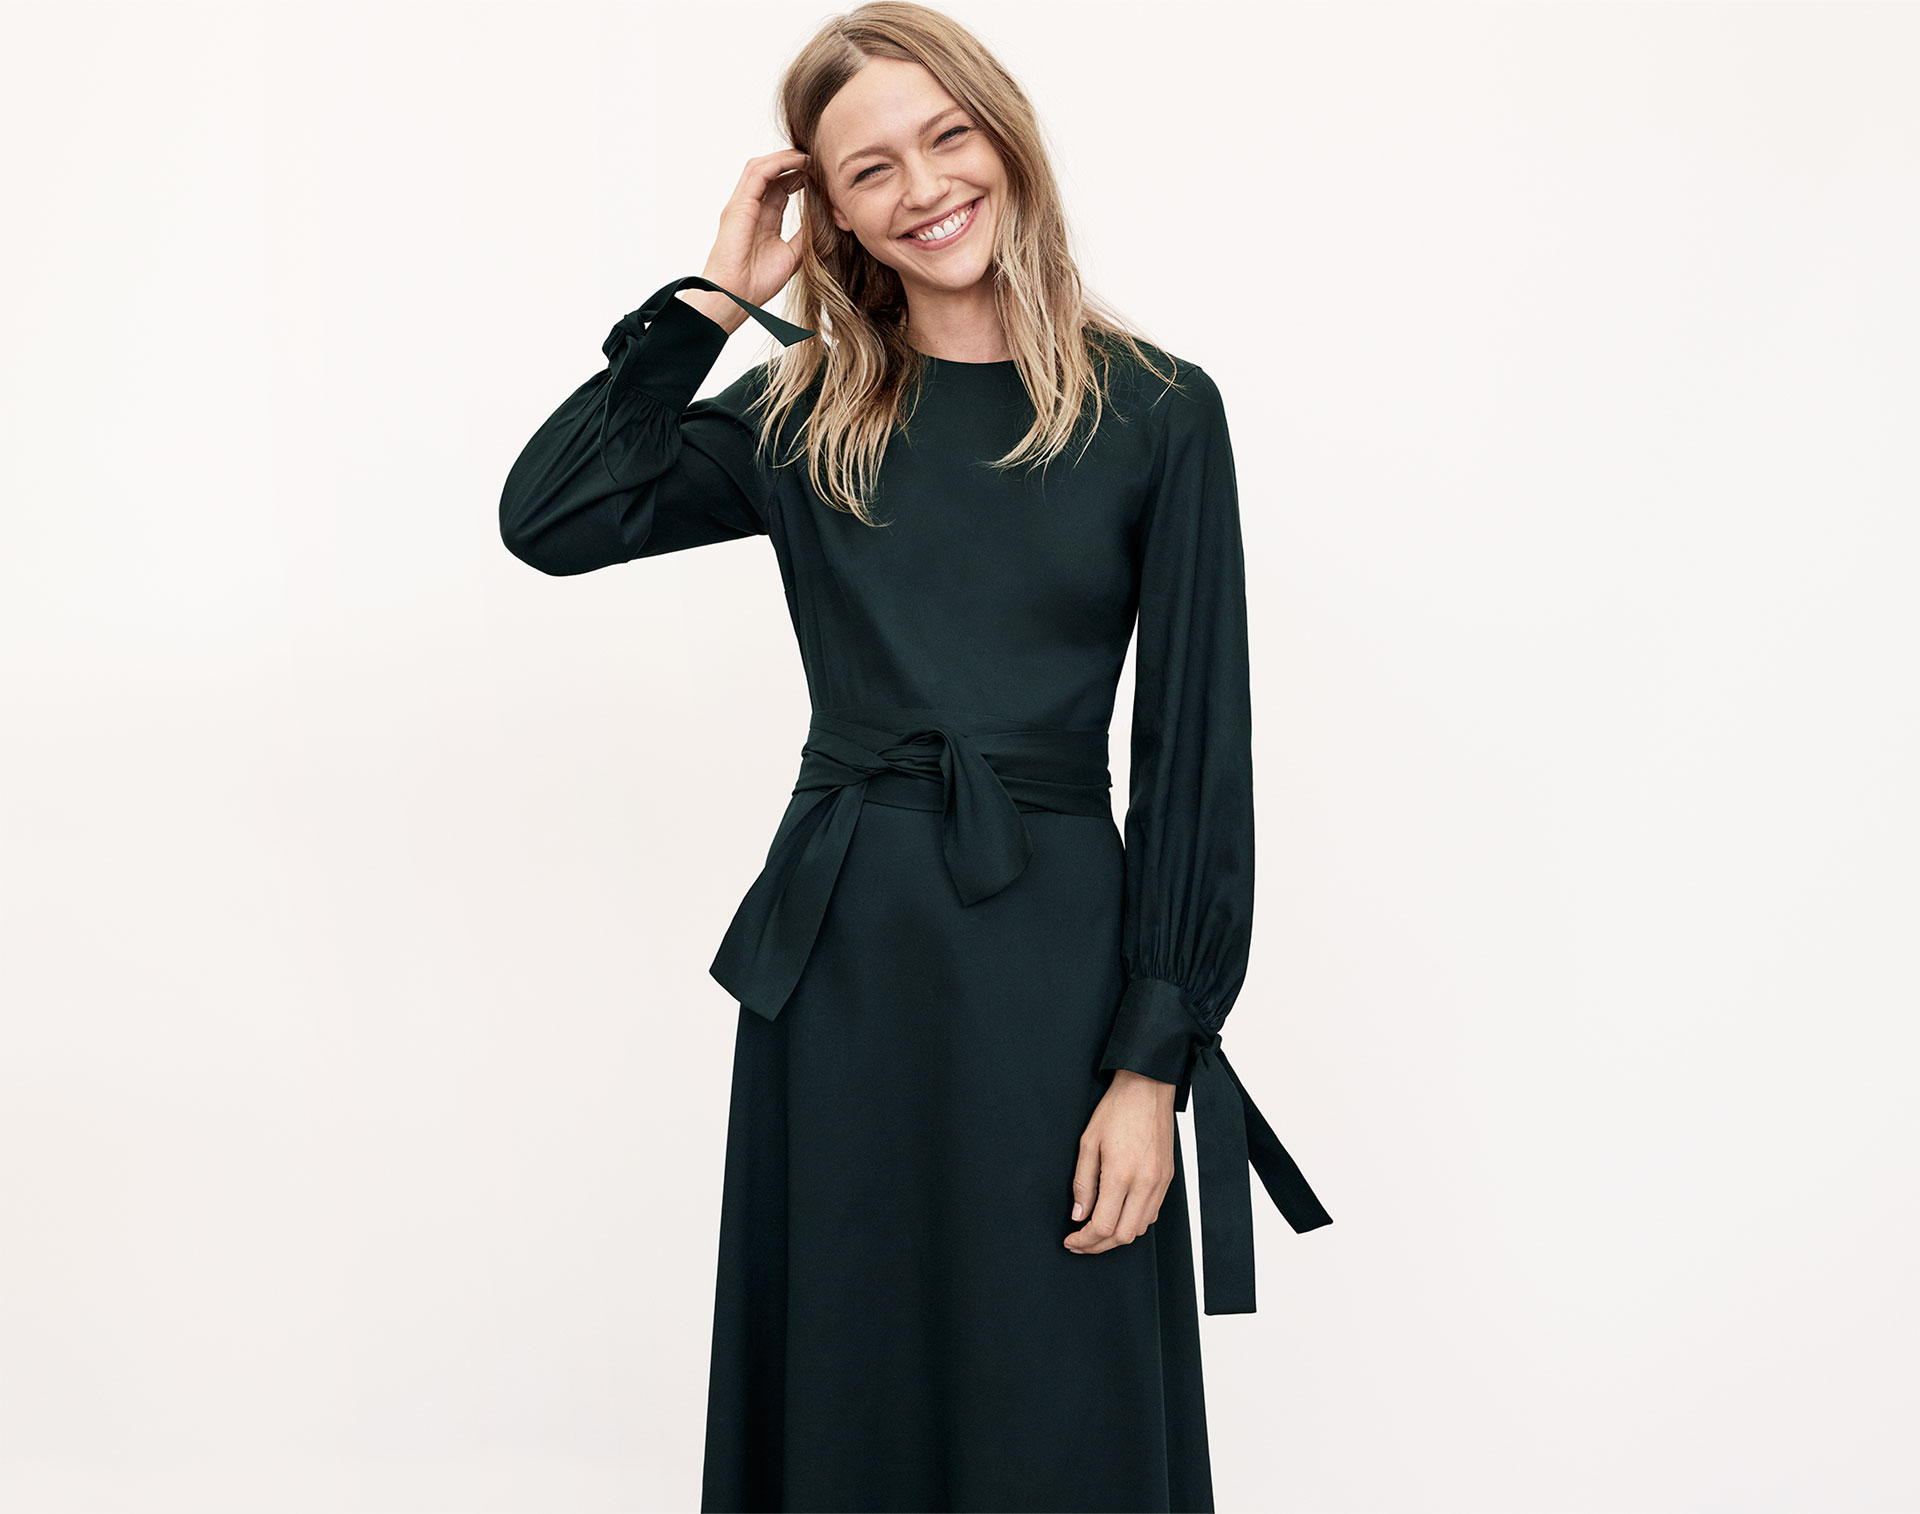 صورة ملابس زارا للنساء , ازياء من مجموعة منوعة